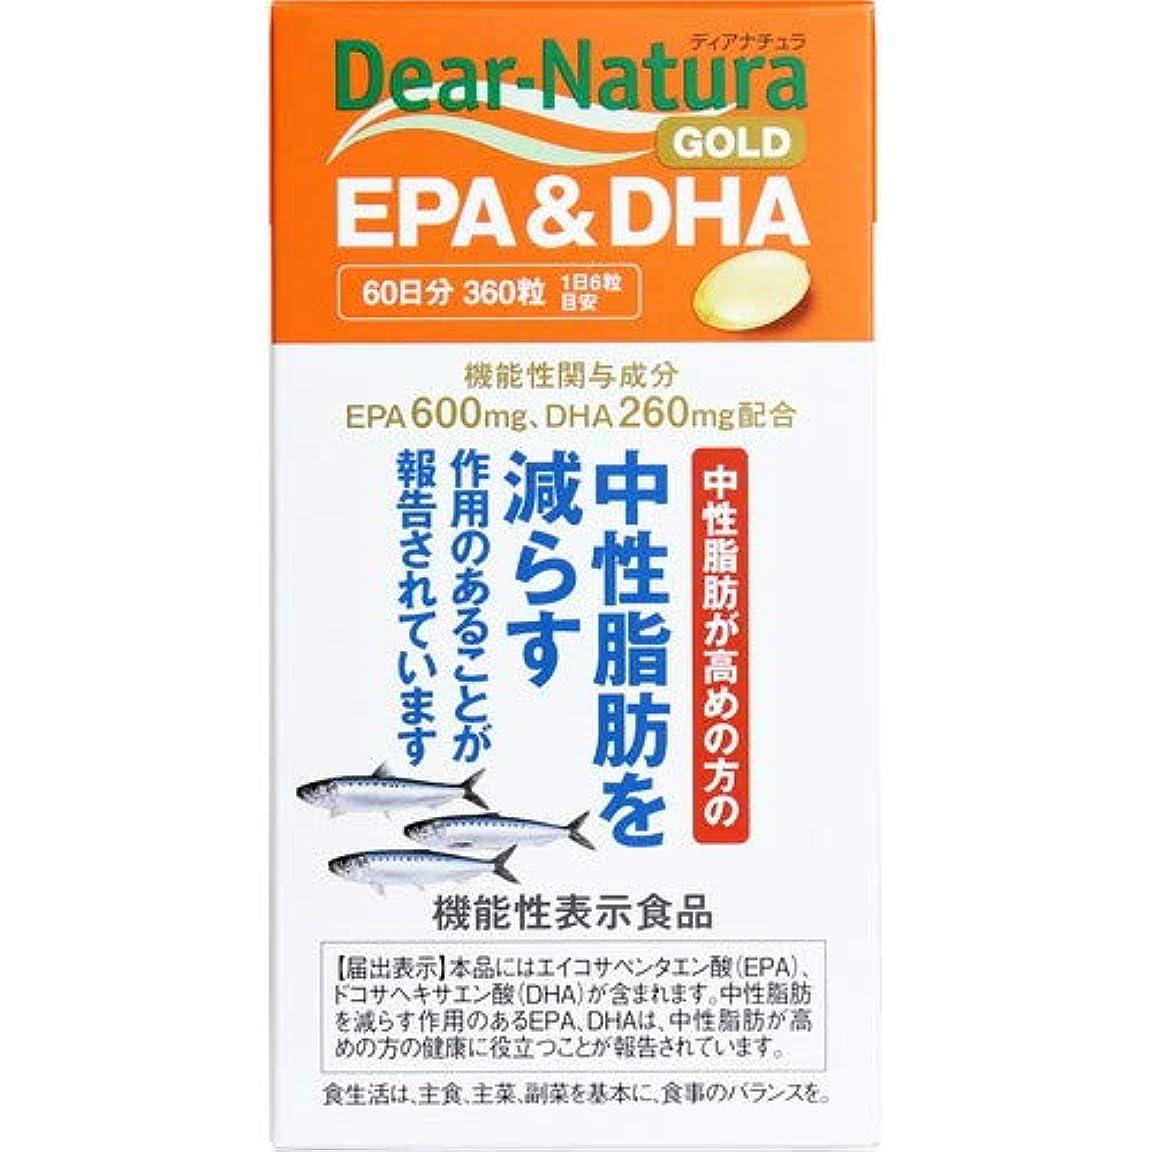 バー驚気晴らしディアナチュラゴールド EPA&DHA 60日分 360粒入